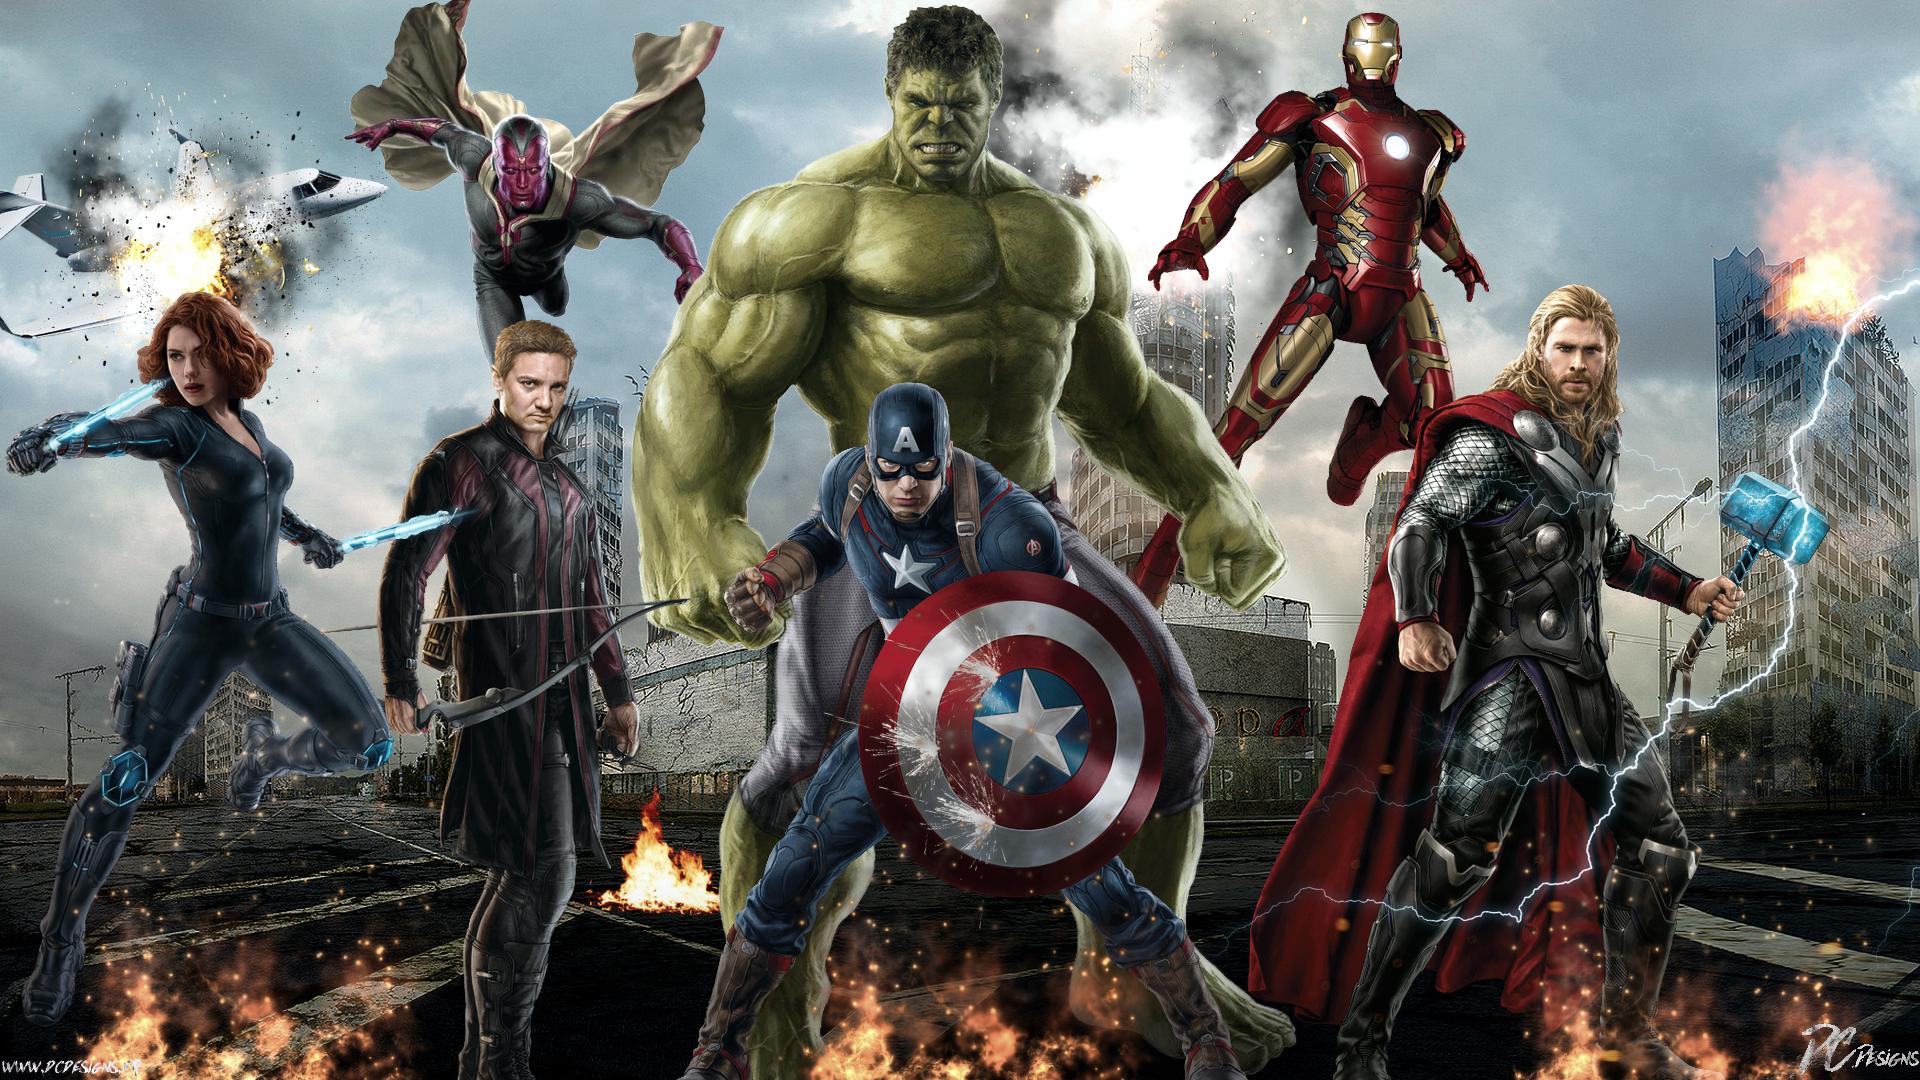 Filme Vingadores Era De Ultron Age Of Ultron Marvel Poster Fan Art Os 1920x1080